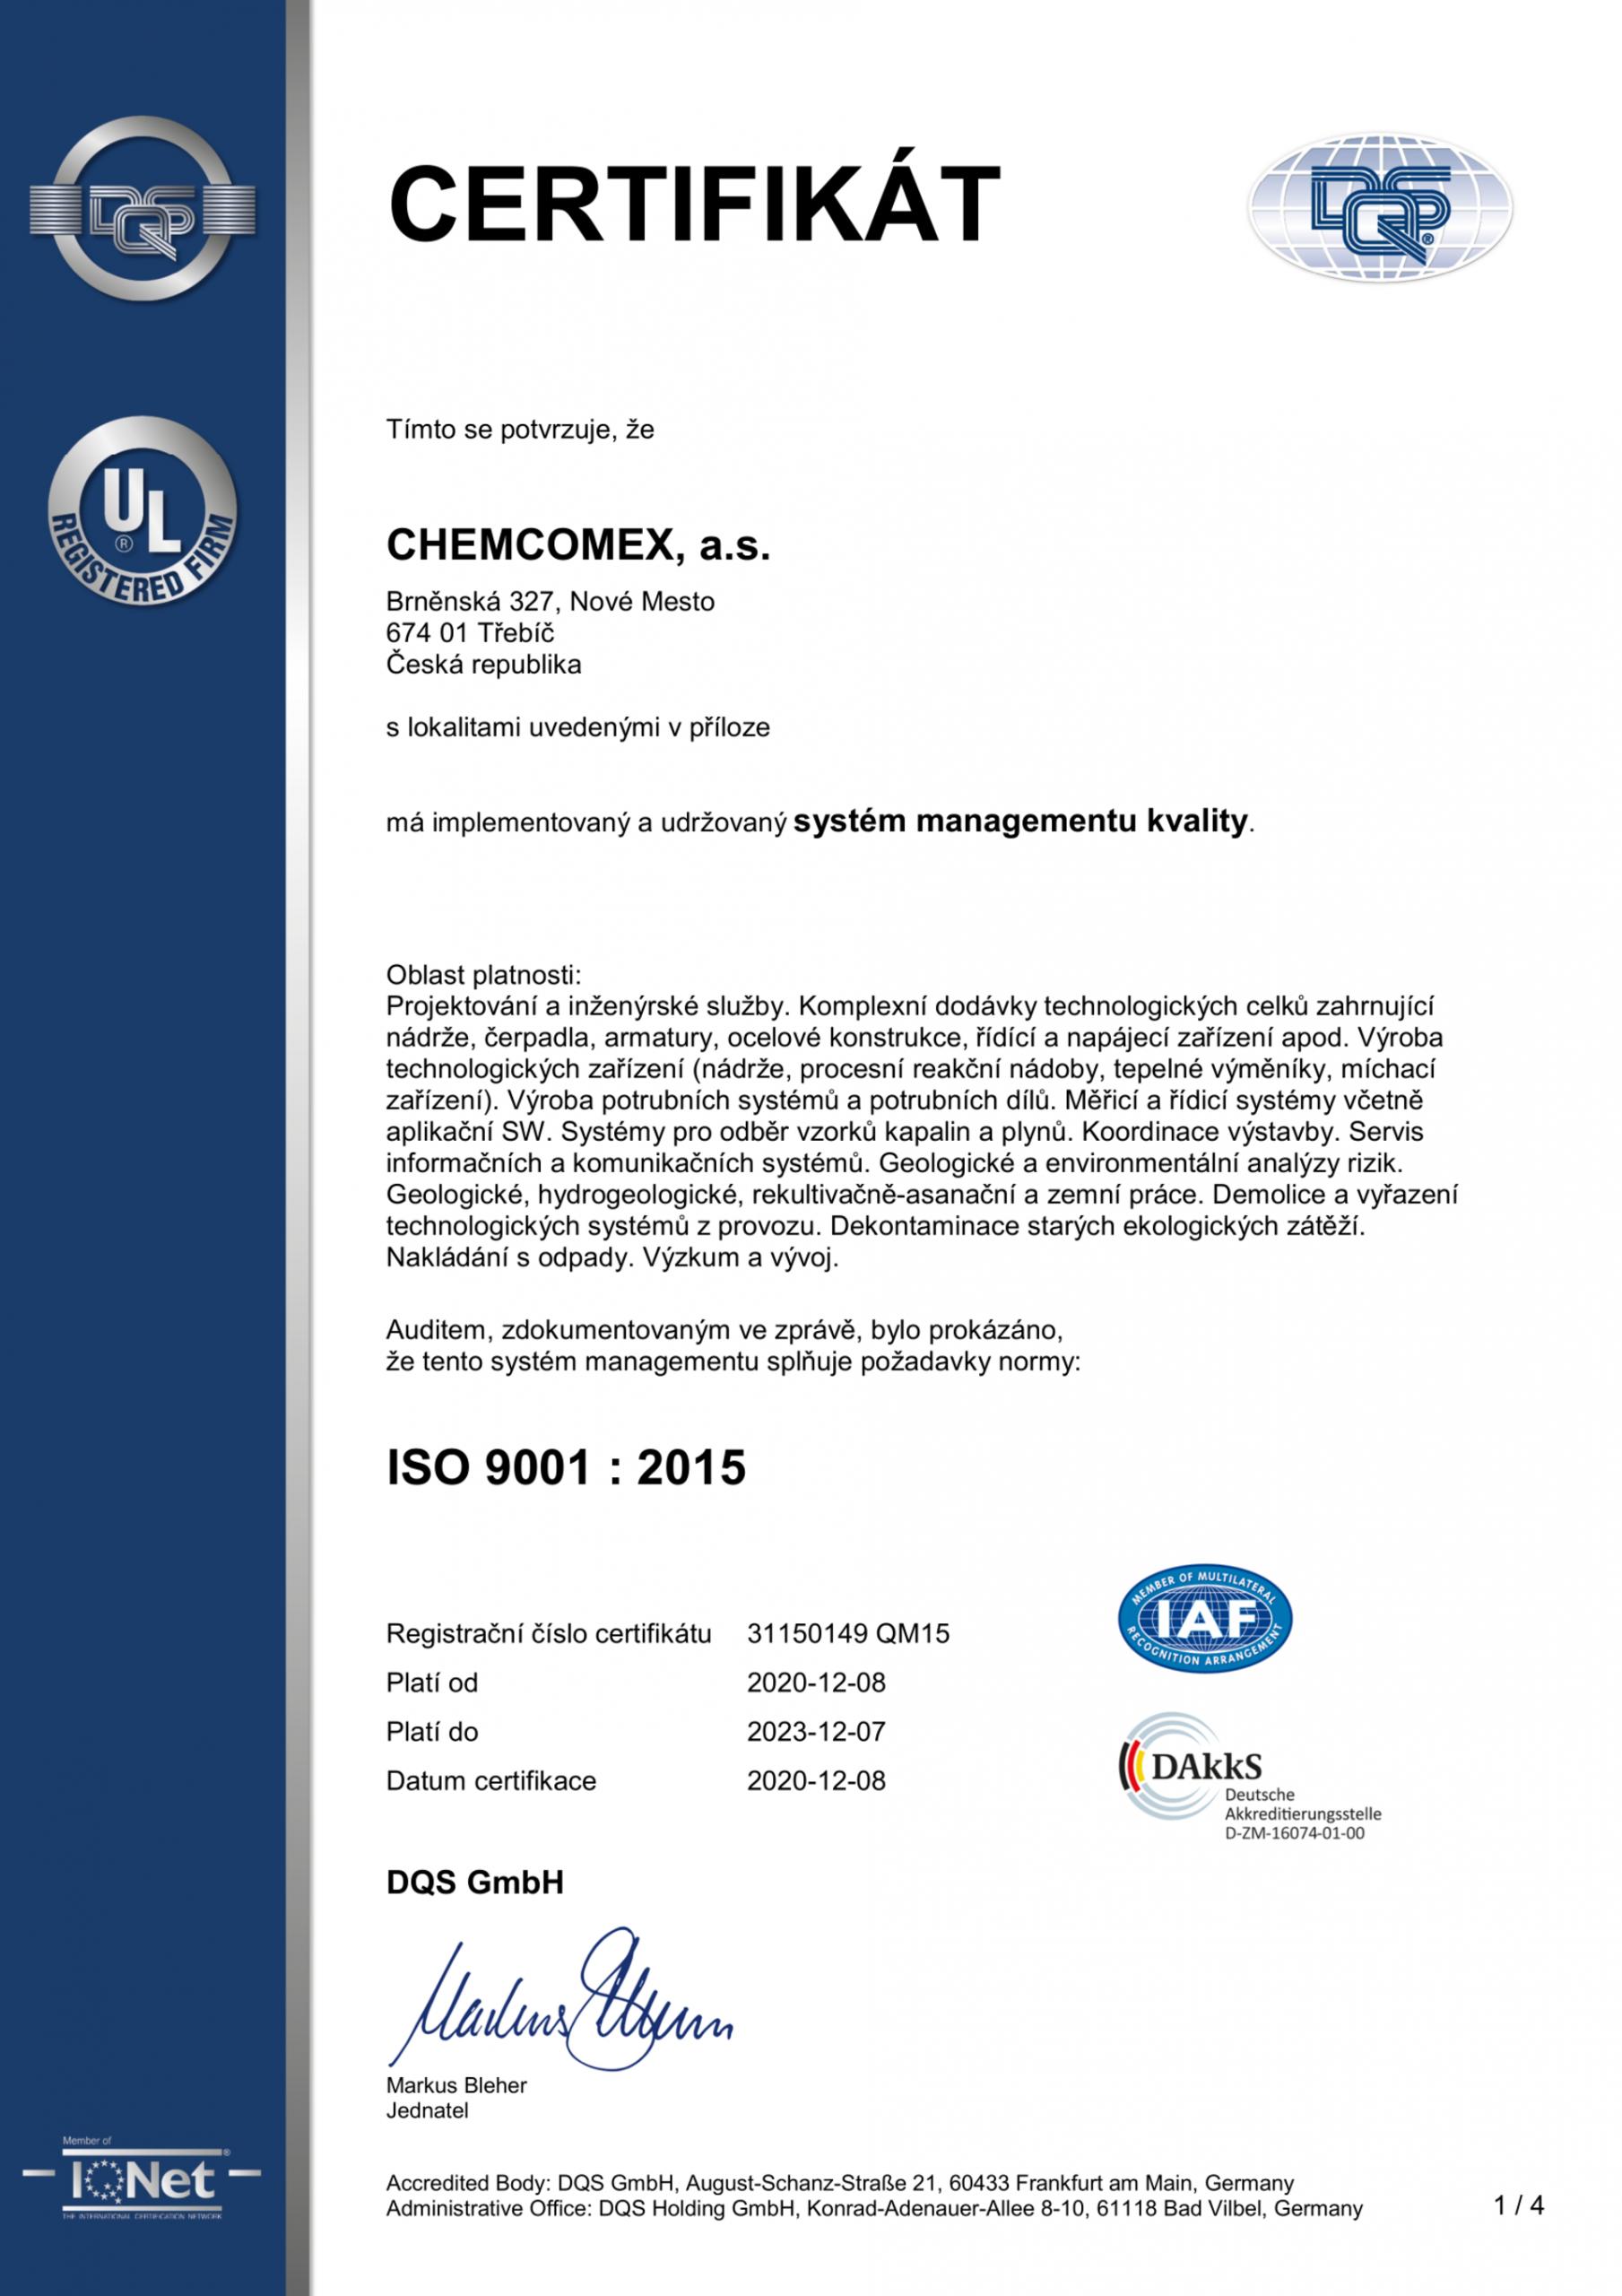 Společnost CHEMCOMEX, a.s. změnila certifikační společnost